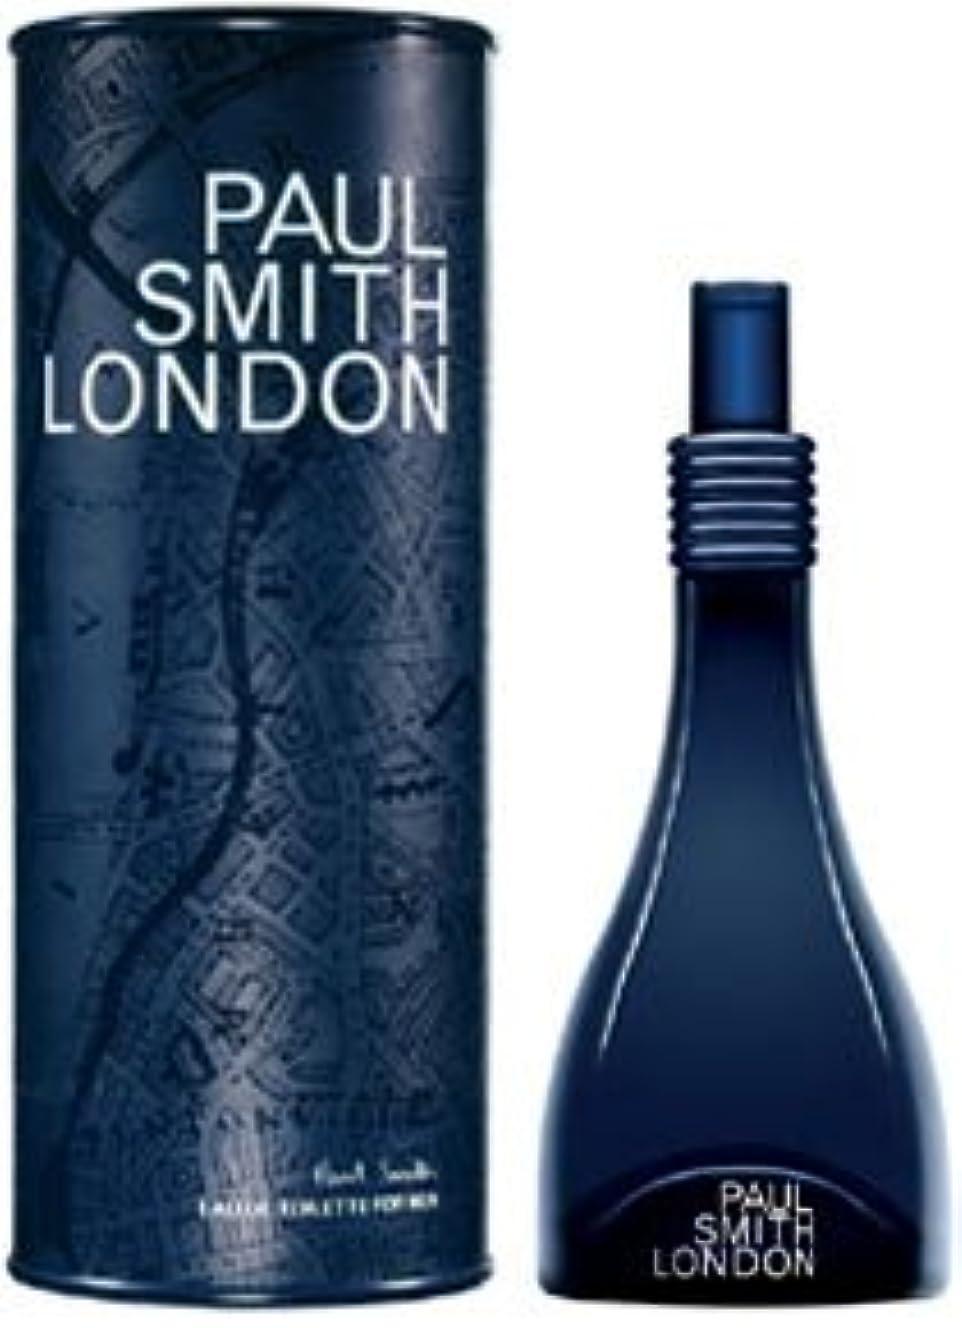 感動するショッピングセンター恥Paul Smith London (ポールスミスロンドン) 1.0 oz (30ml) EDP Spray for Men